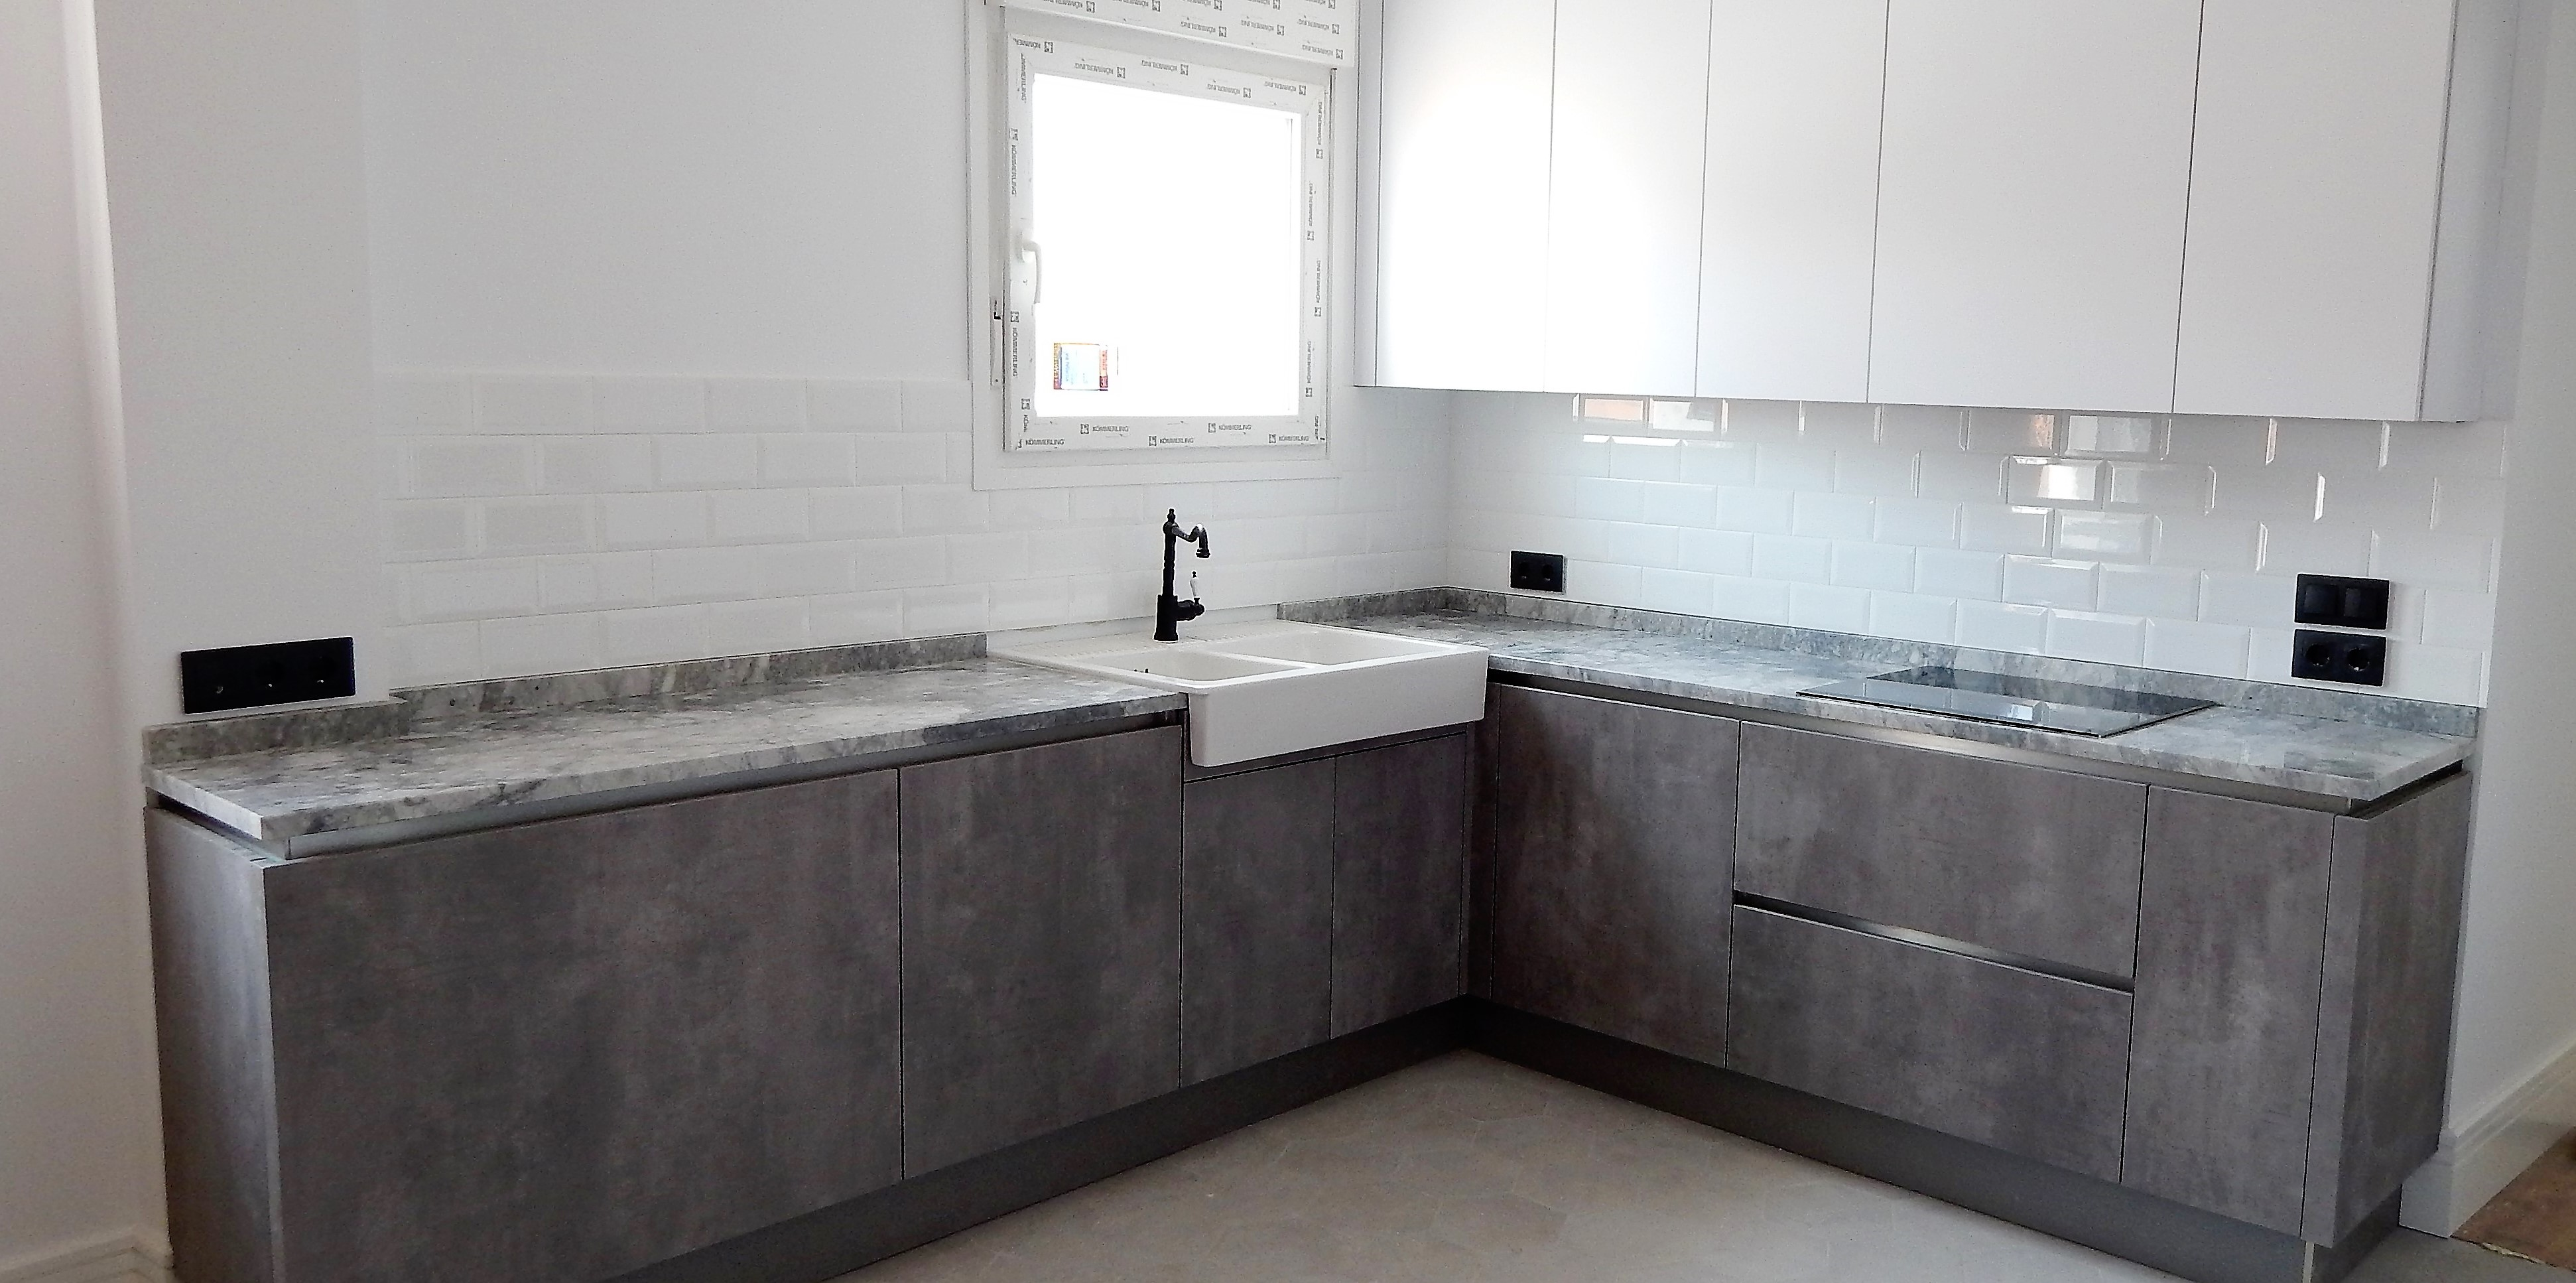 Muebles de cocina blanco y hormig n for Muebles de cocina gris